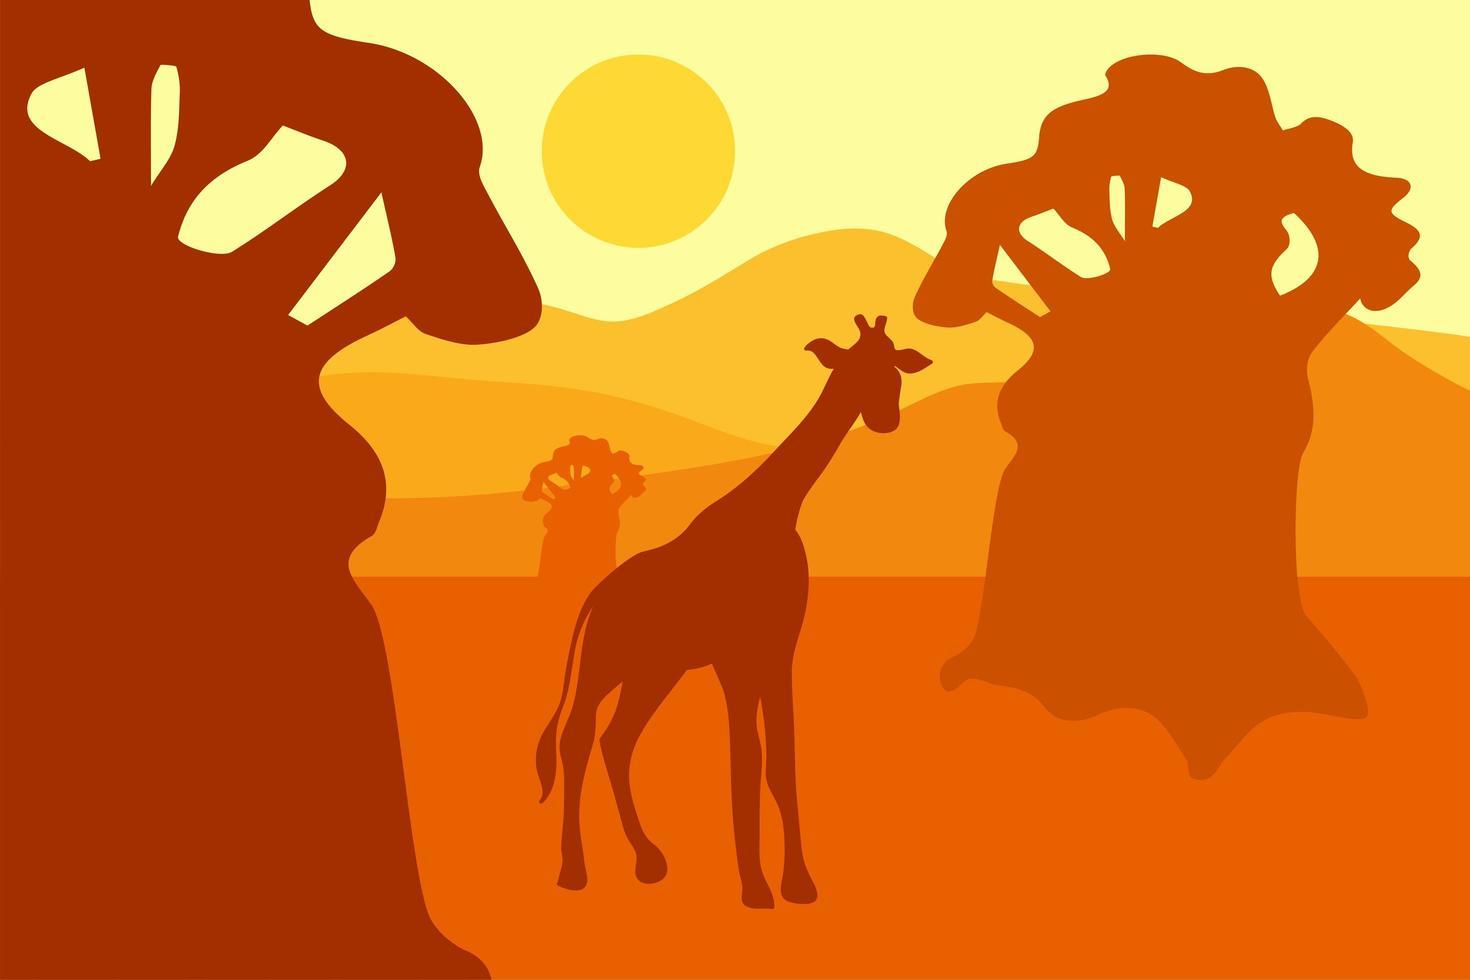 paisaje desértico con águila, cactus y sol. vector